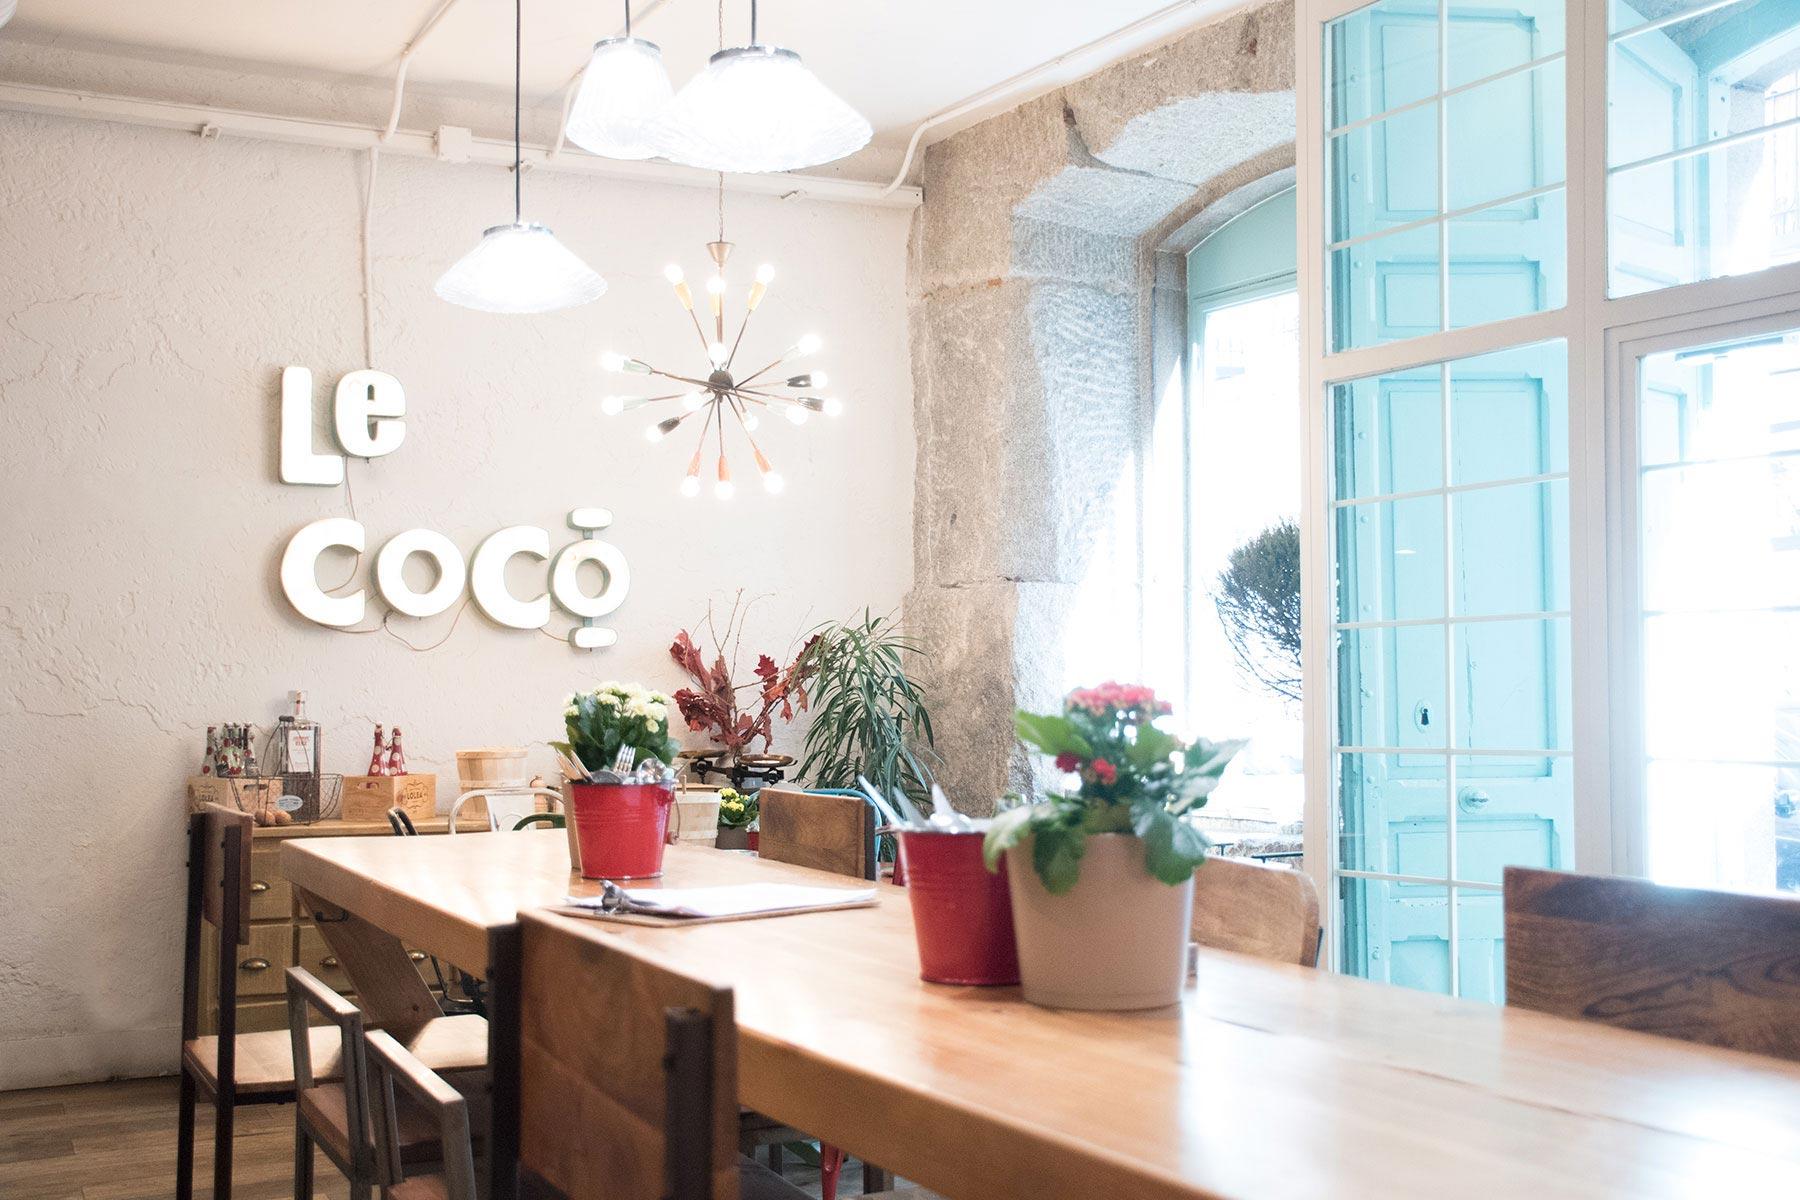 le-coco-restaurante